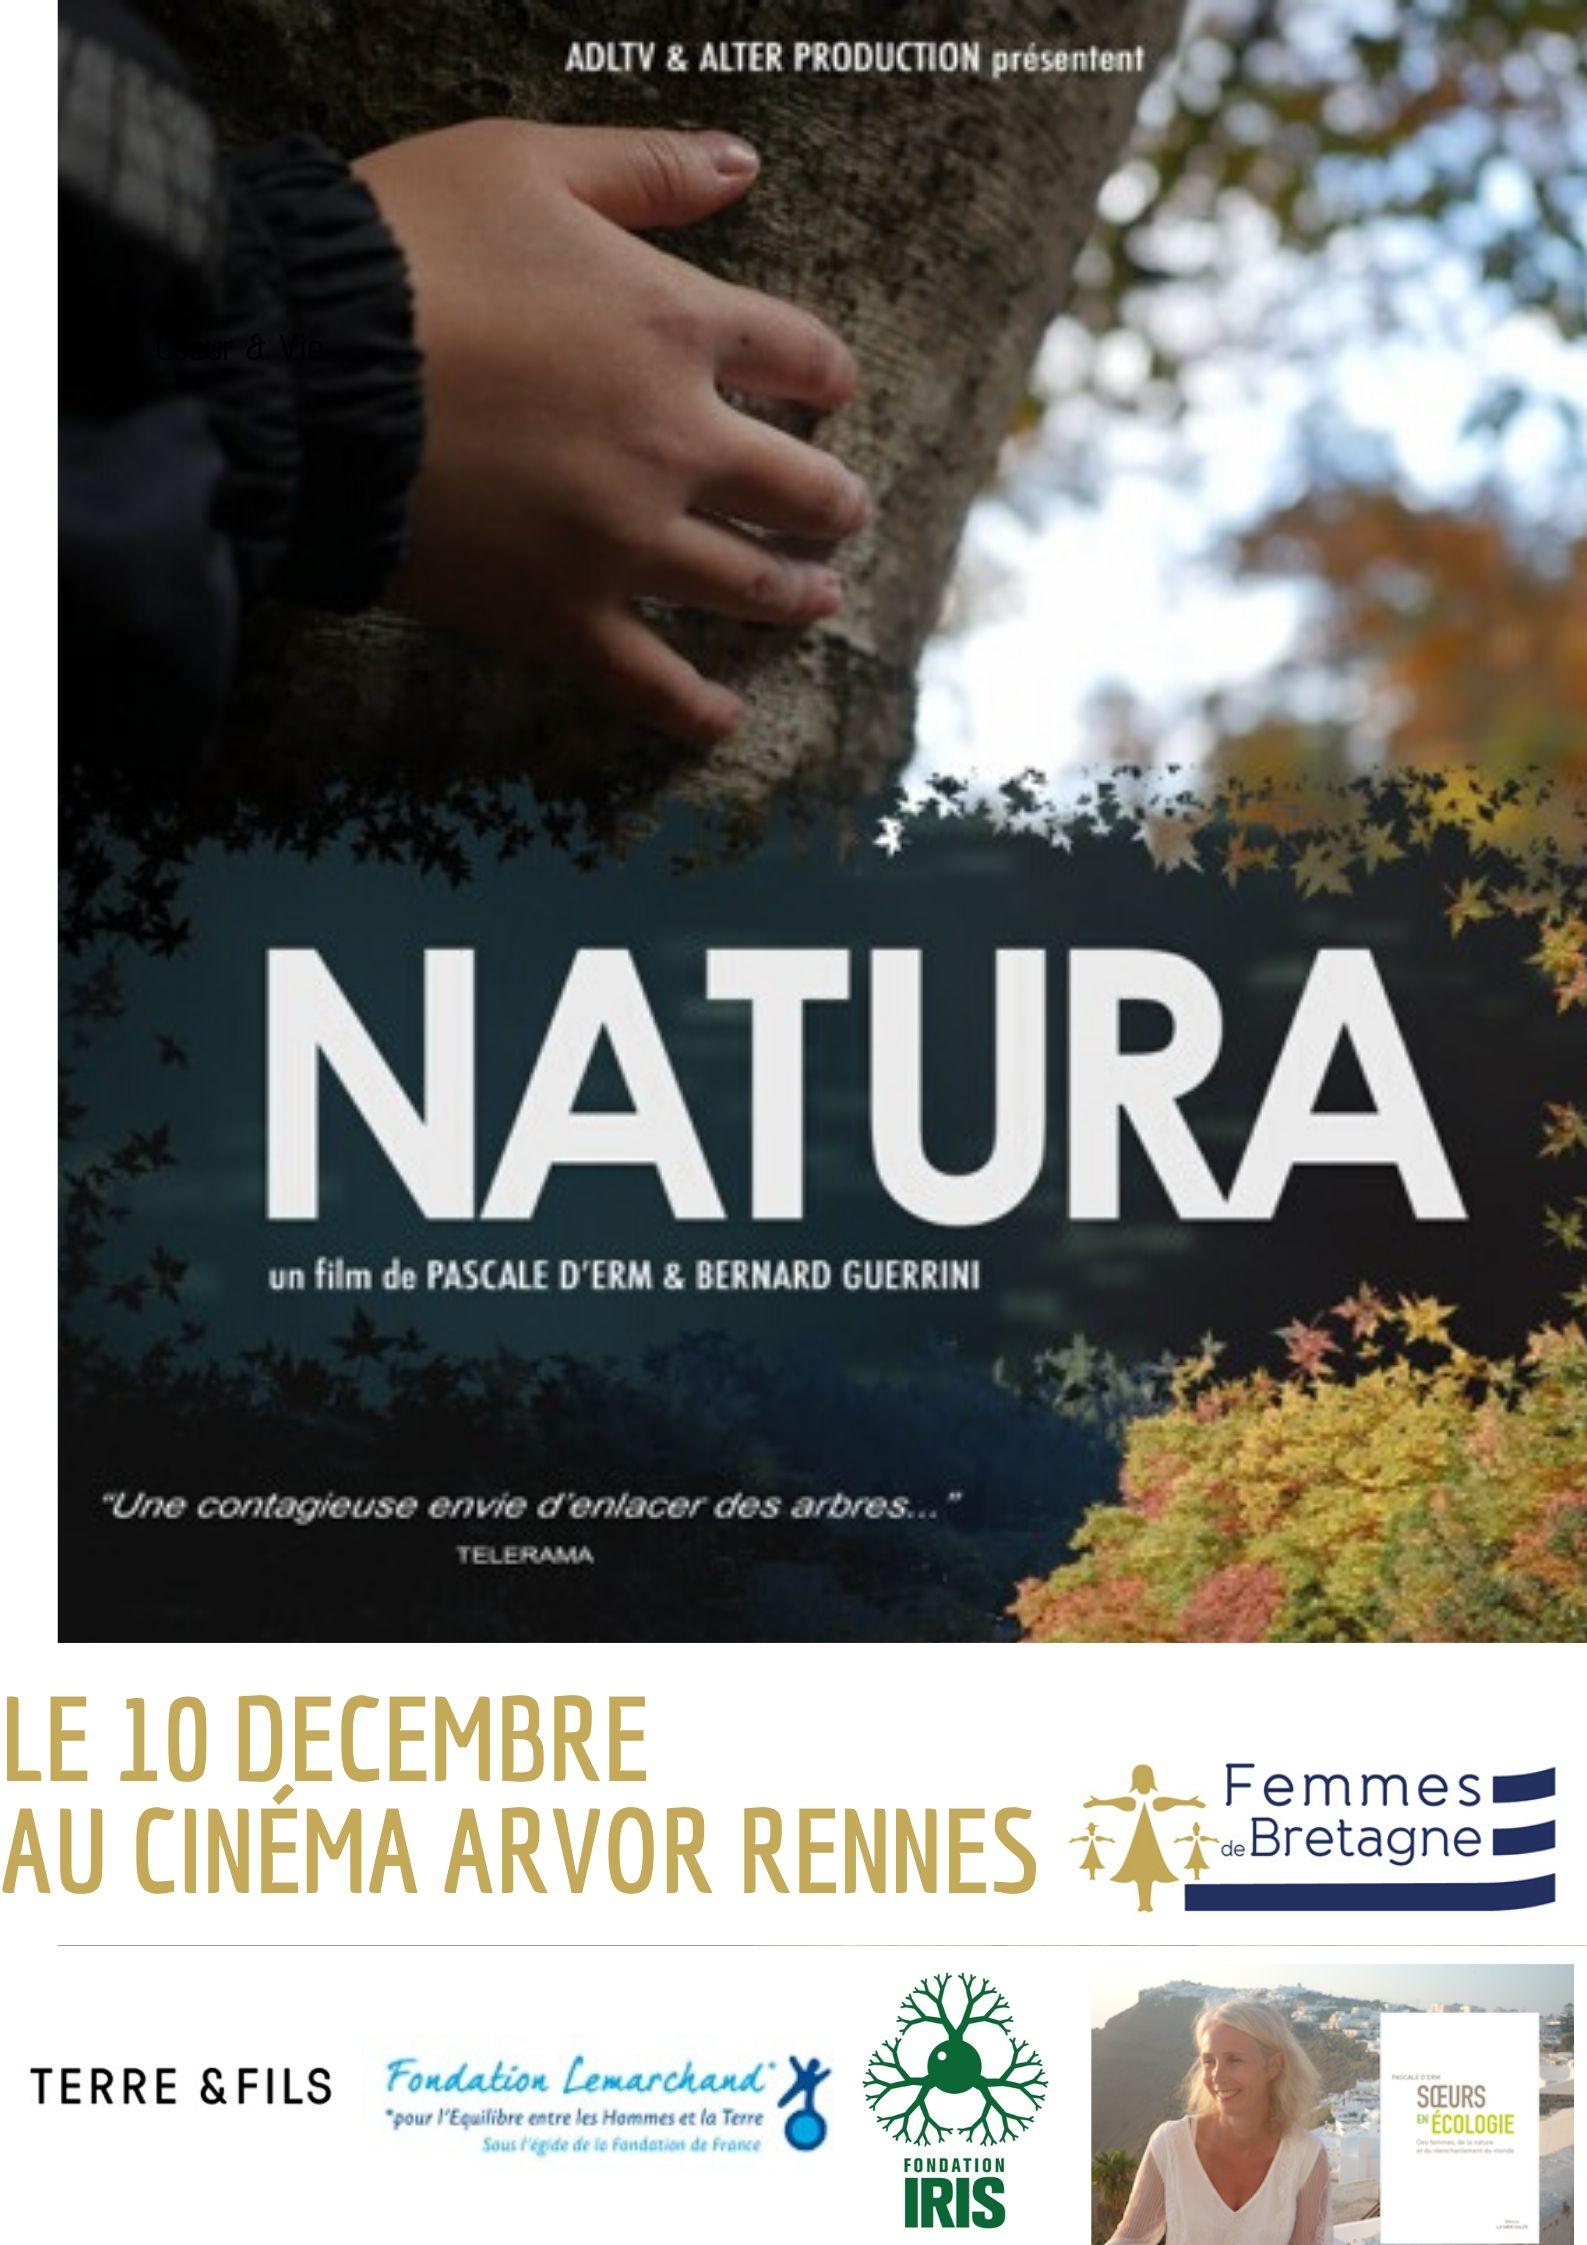 10/12/19 – Rennes – Projection du documentaire NATURA réalisée par Pascale d'Erm